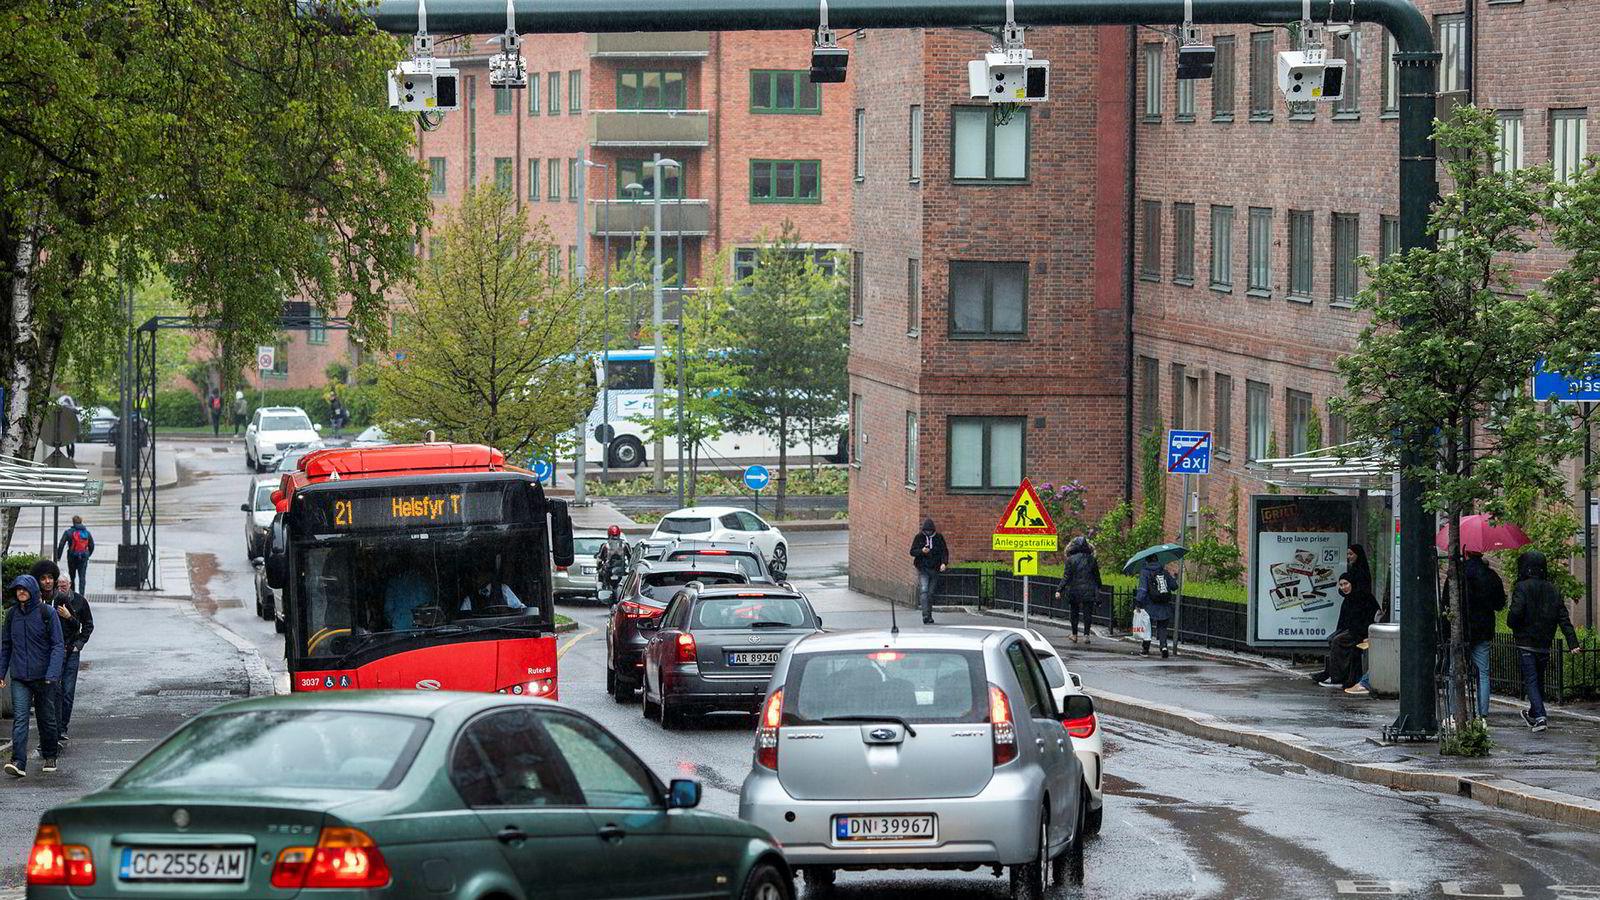 Køprising kan innføres ved hjelp av dagens bomringer. Det krever at satsene i en bomring blir differensiert over døgnet, skriver artikkelforfatterne. Her fra en av de nye bomstasjonene ved Carl Berners plass i Oslo.